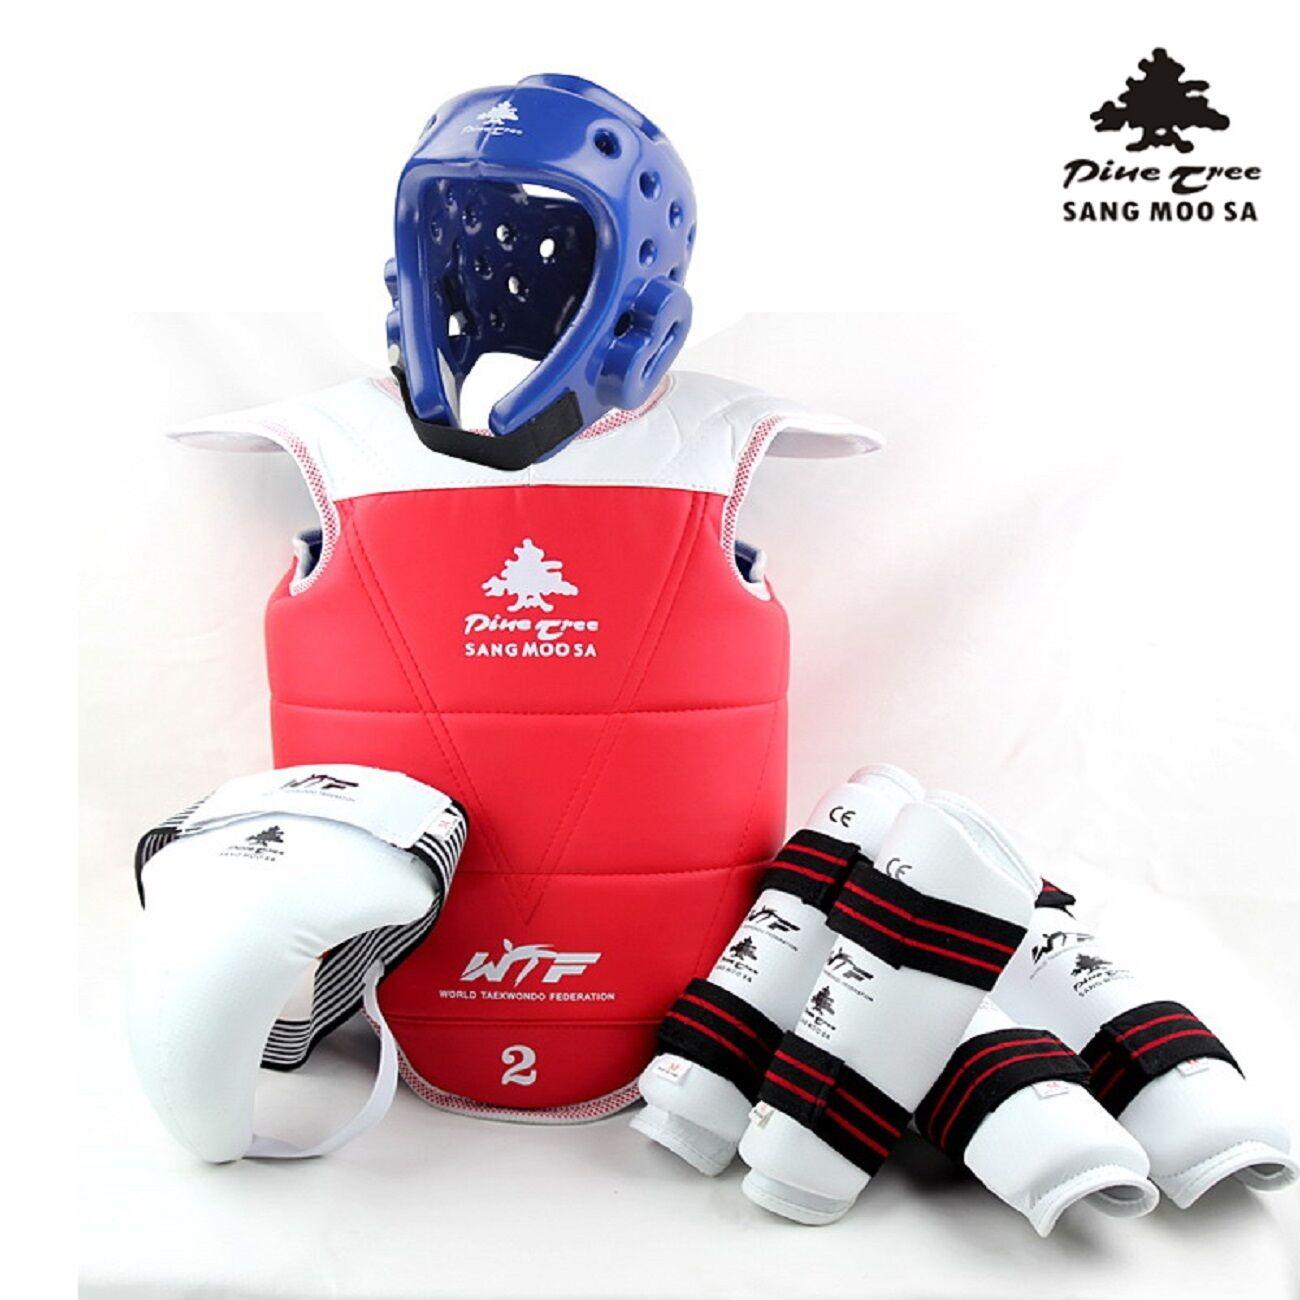 Taekwondo Taekwondo Taekwondo Set complet gilet d'hommes Protection de la tête en profondeur bras e59585